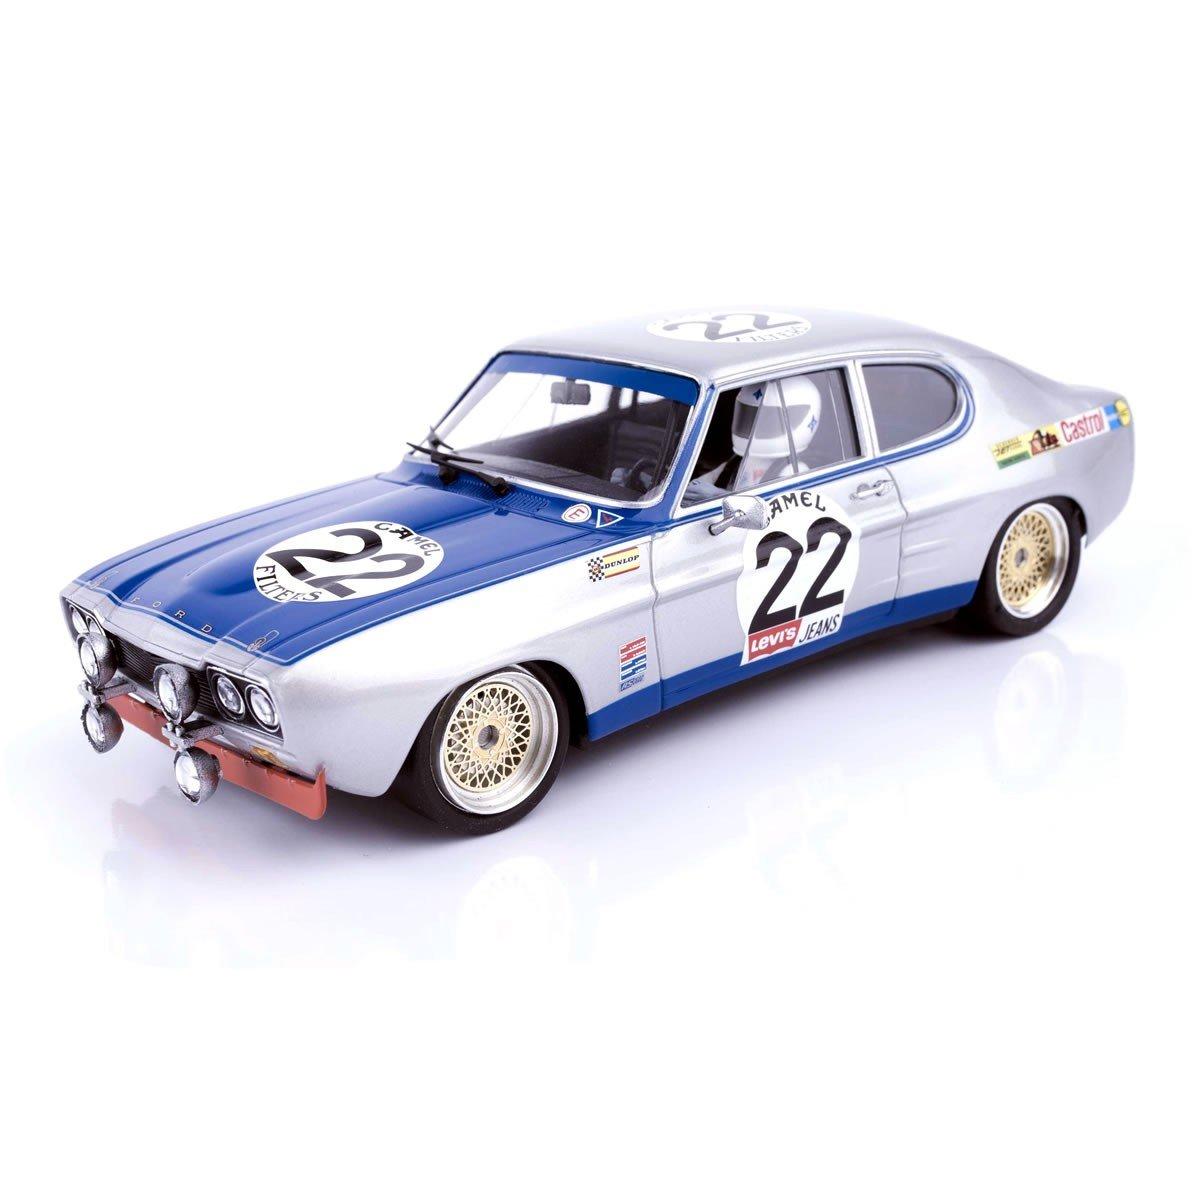 SRC 00308 Ford Capri 2600 RS - 1ordm; 24H Spa-Francorchamps 1971 - A. Soler-Roig  D. Glemser